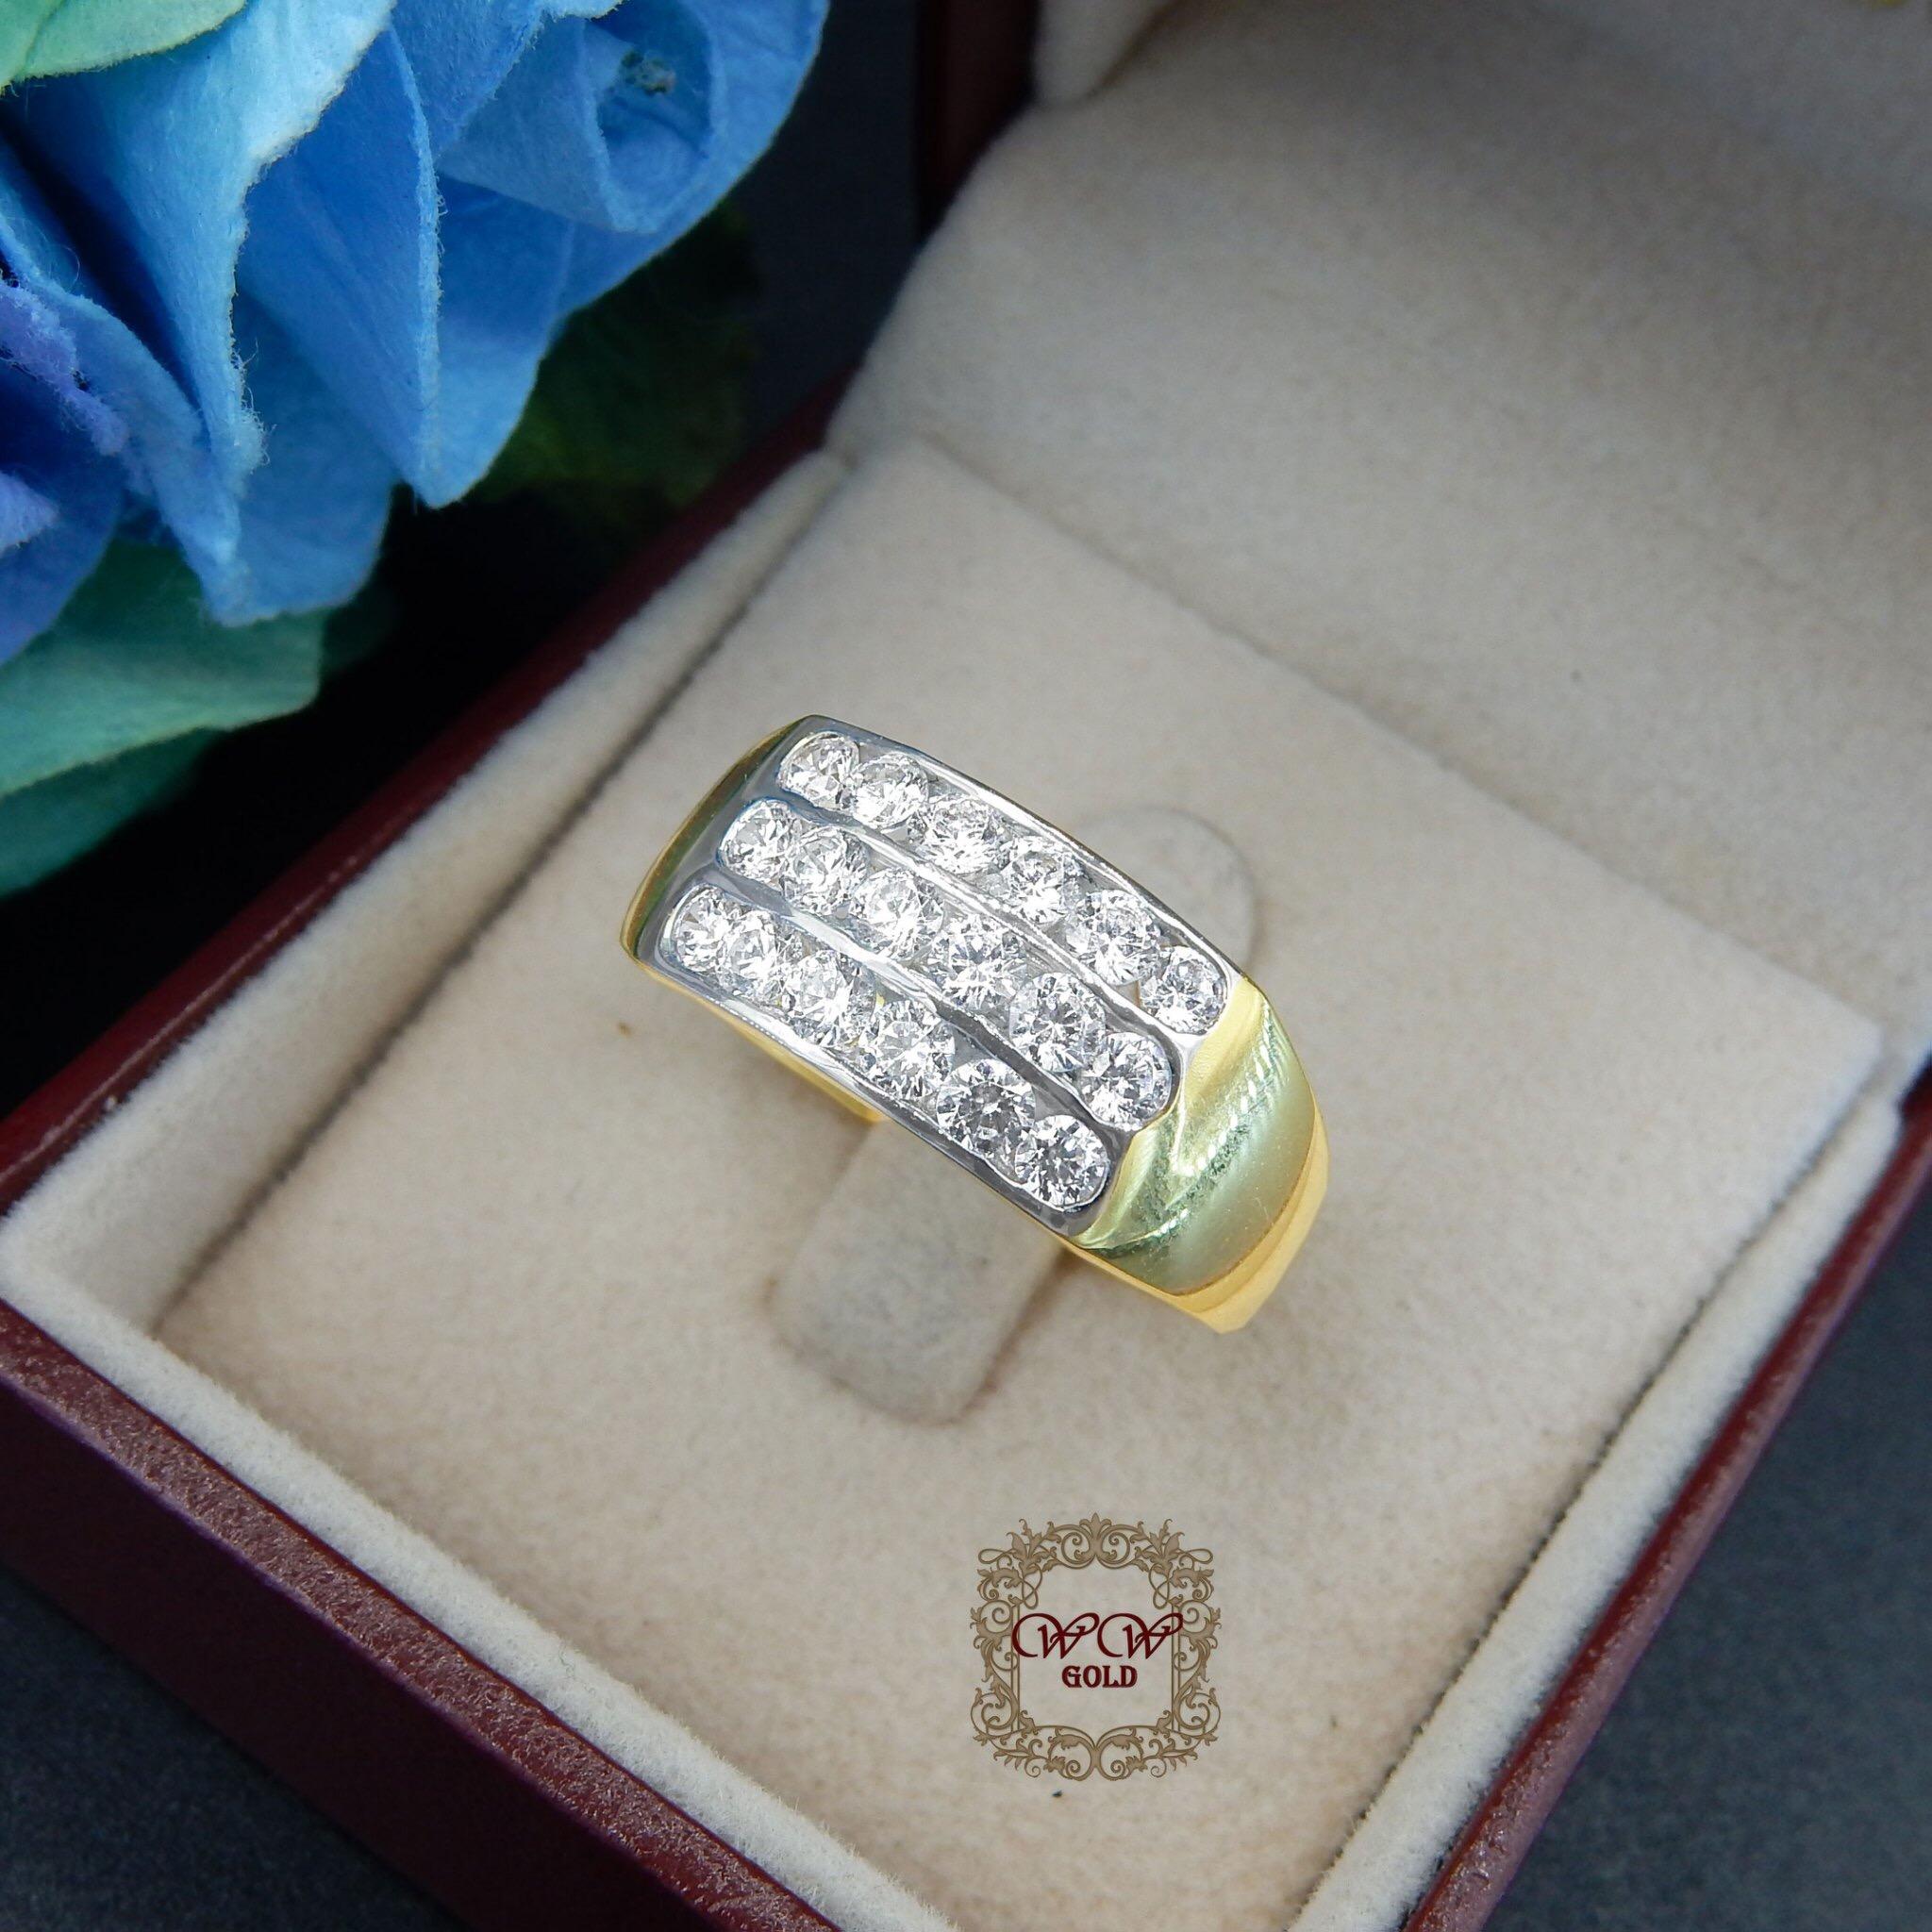 แหวนเพชร3 แถว (เพชรสวิส cz)